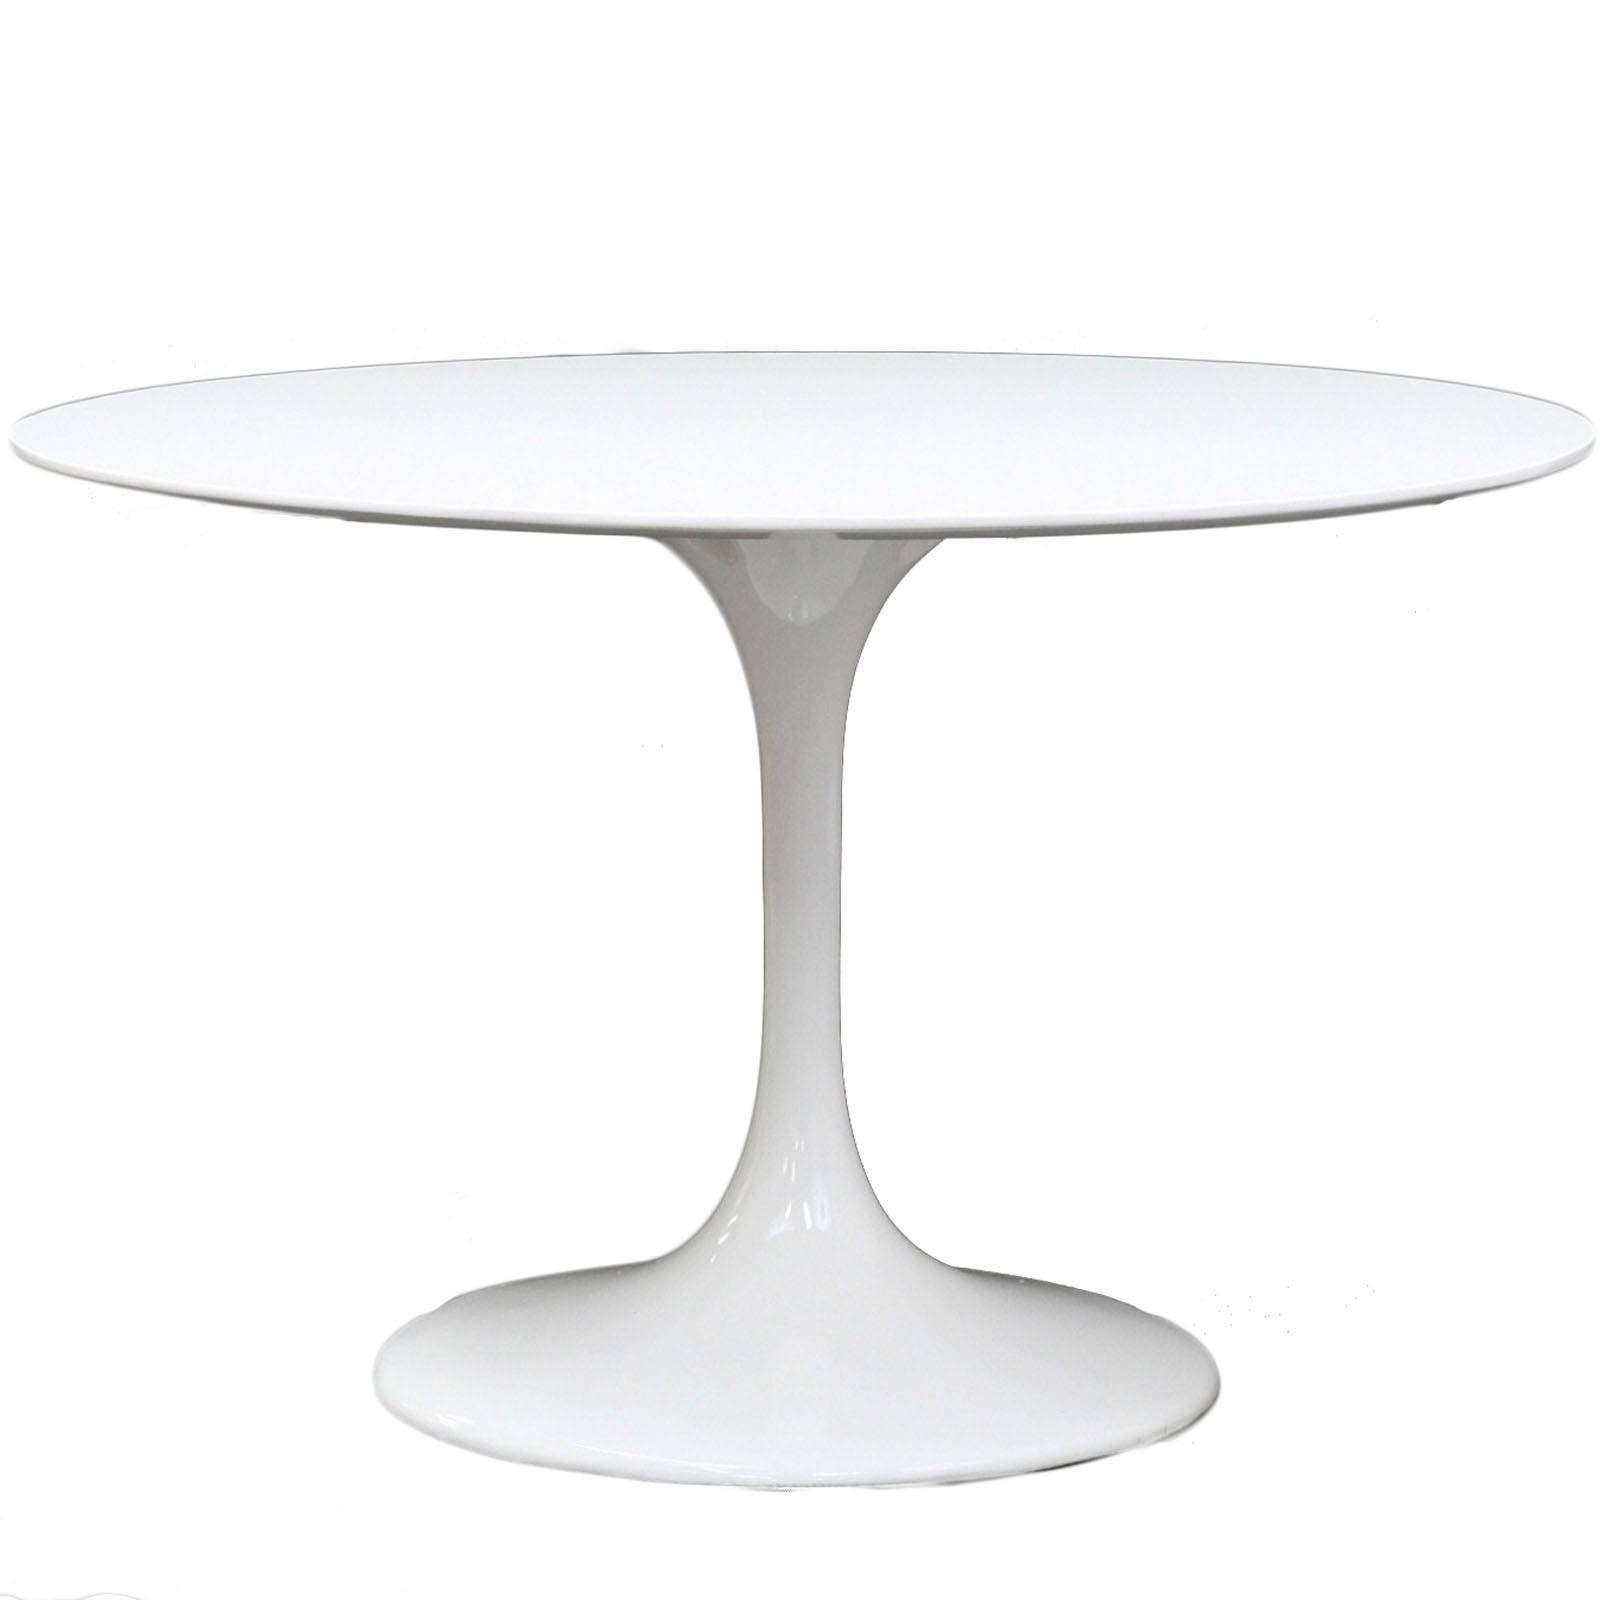 Eero Saarinen Style Tulip Table - Fiberglass 40u0026quot;